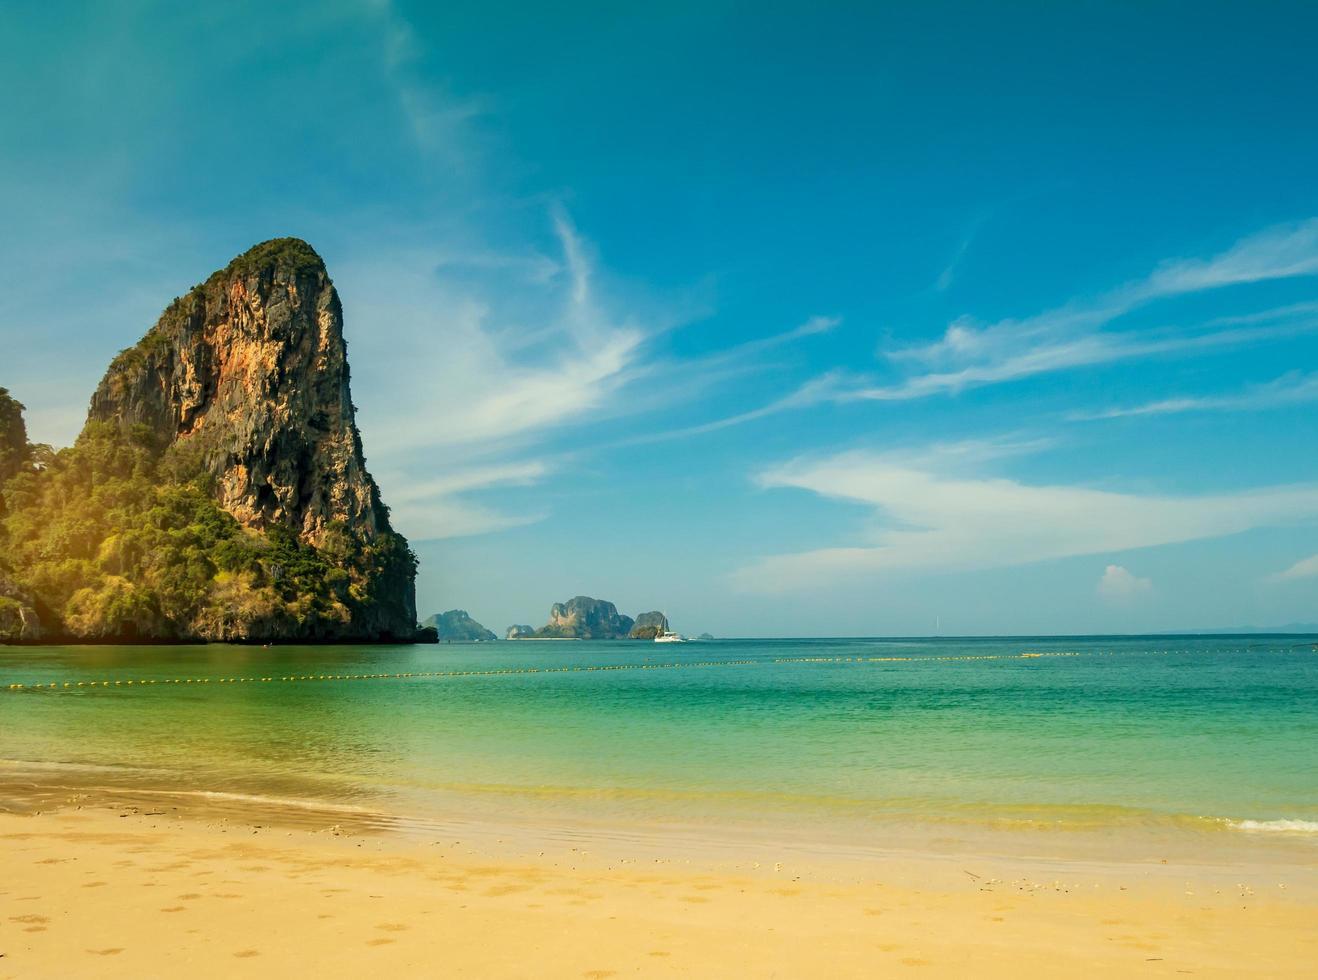 tropisk strand och kalkstenberg foto